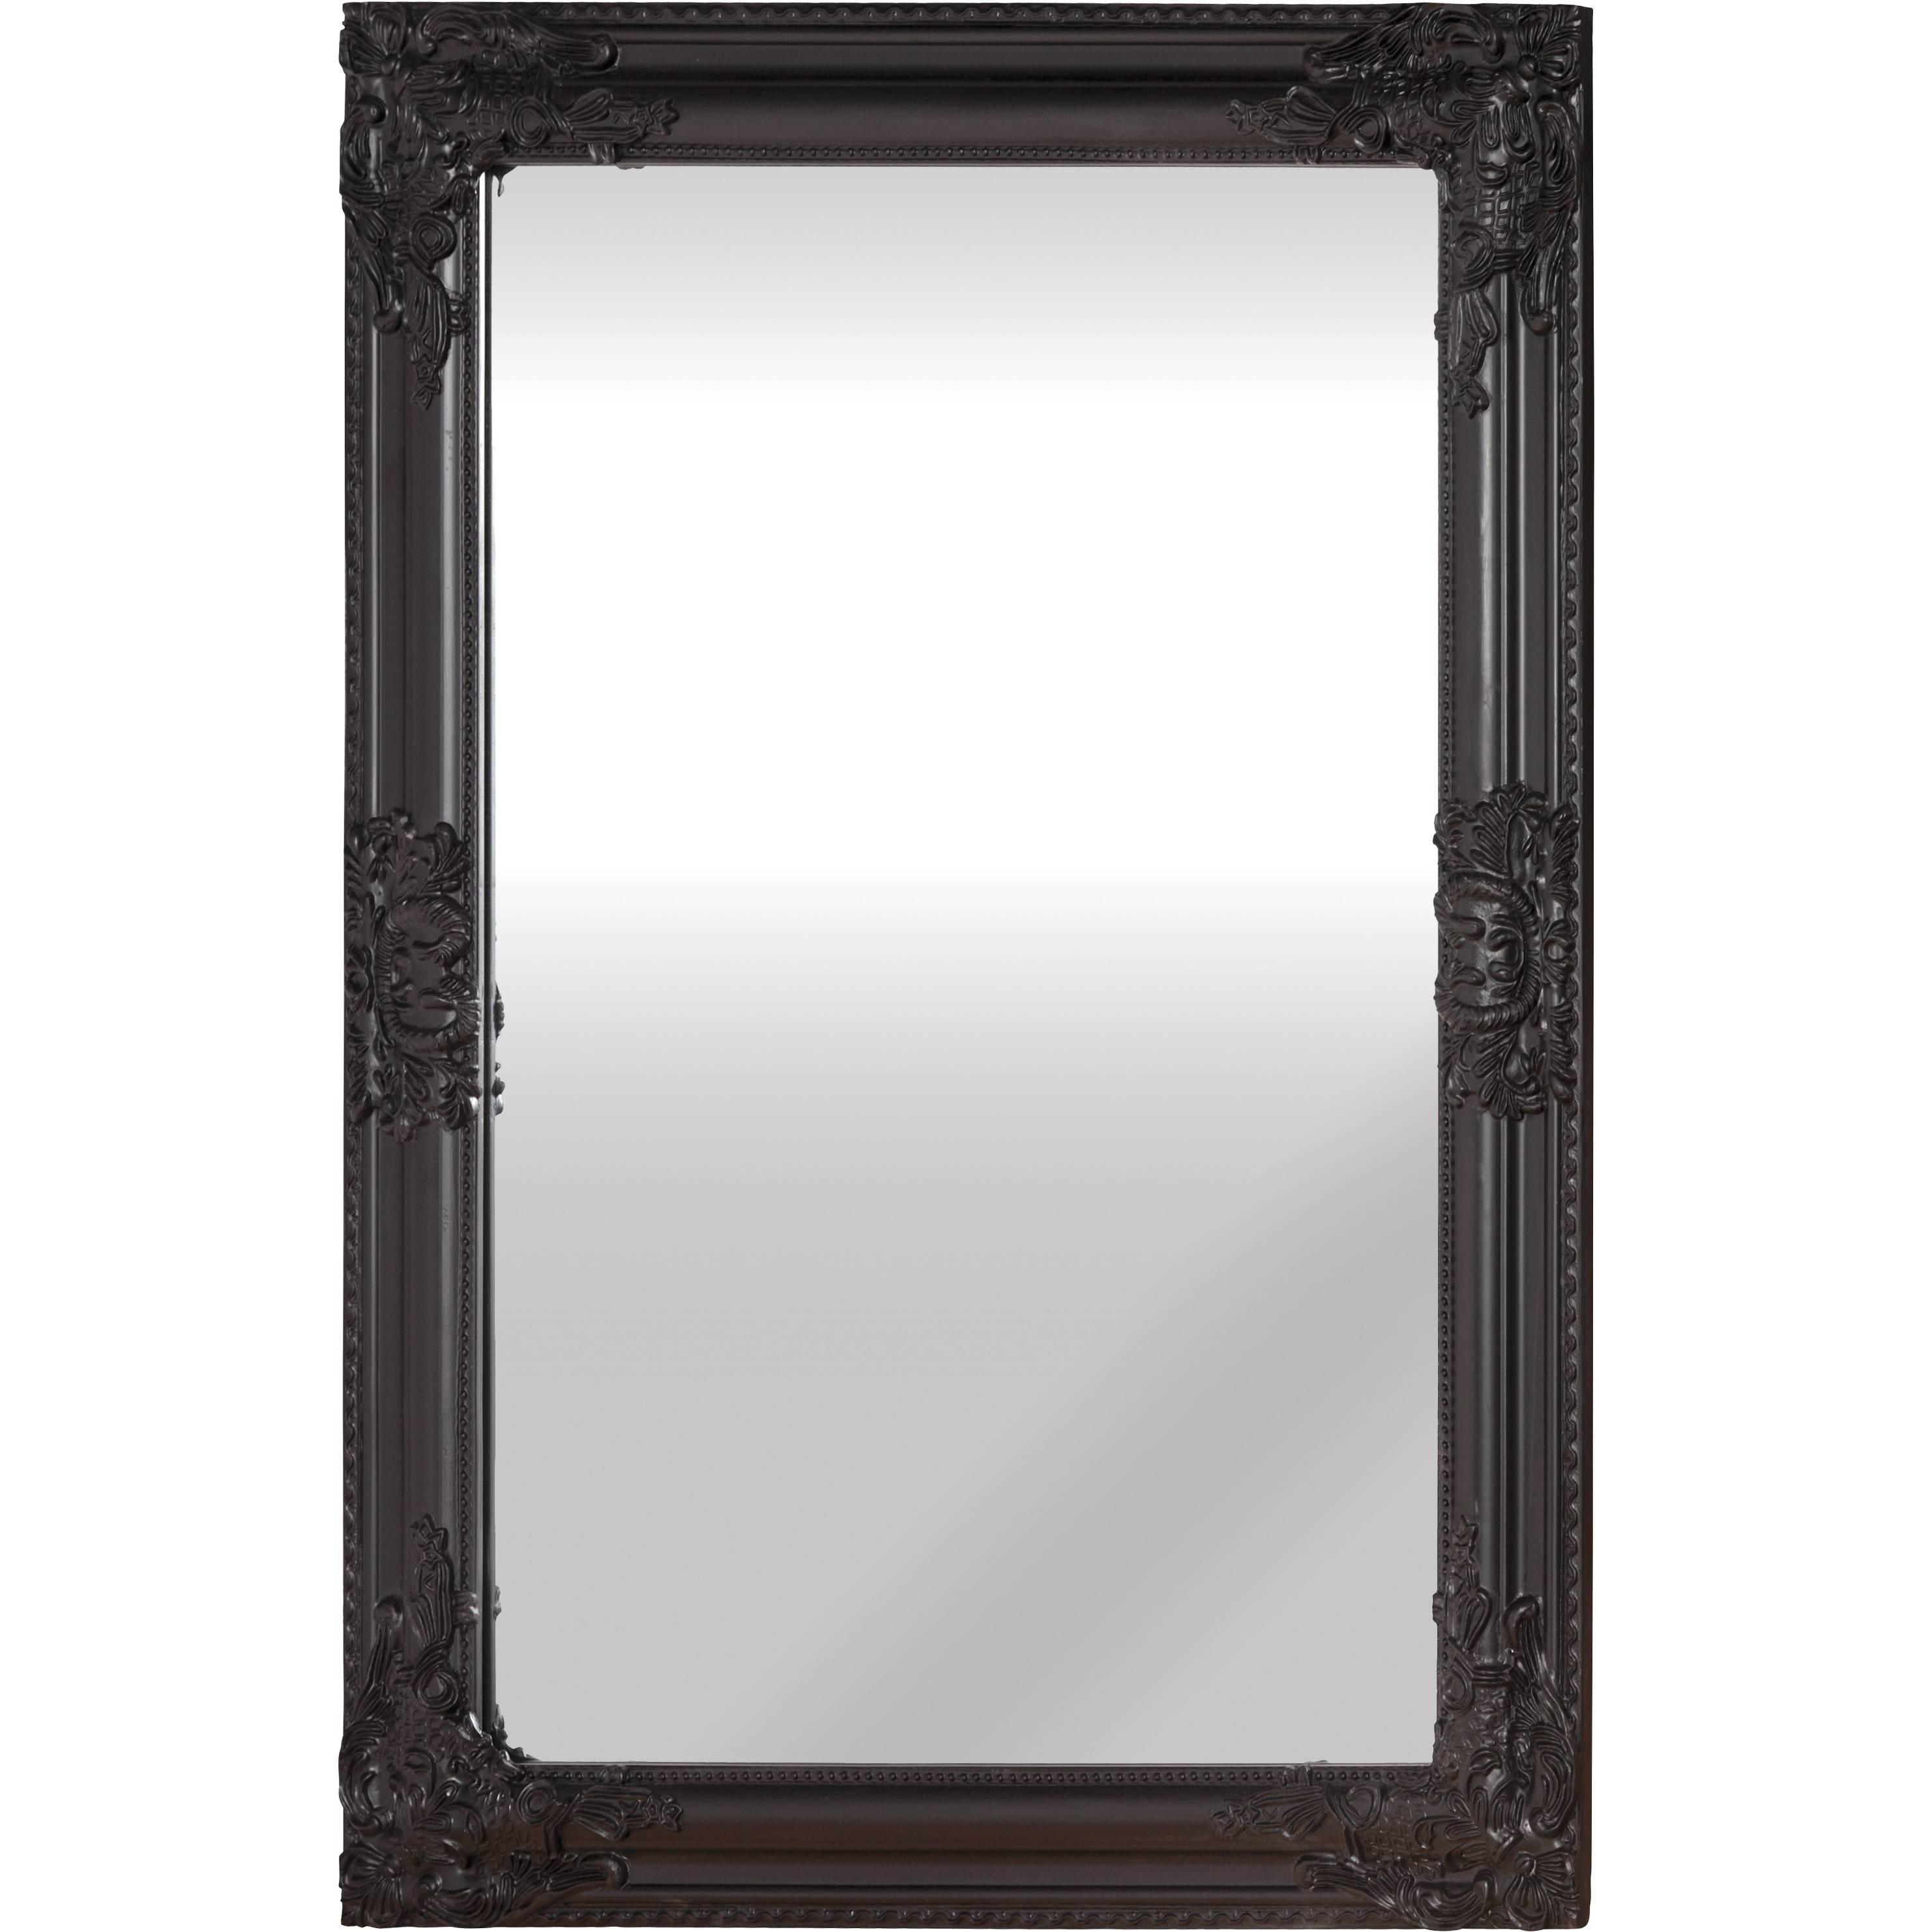 Mirror : Amazing Black Vintage Mirror Buy Antique White Ornate regarding Black Vintage Mirrors (Image 5 of 15)